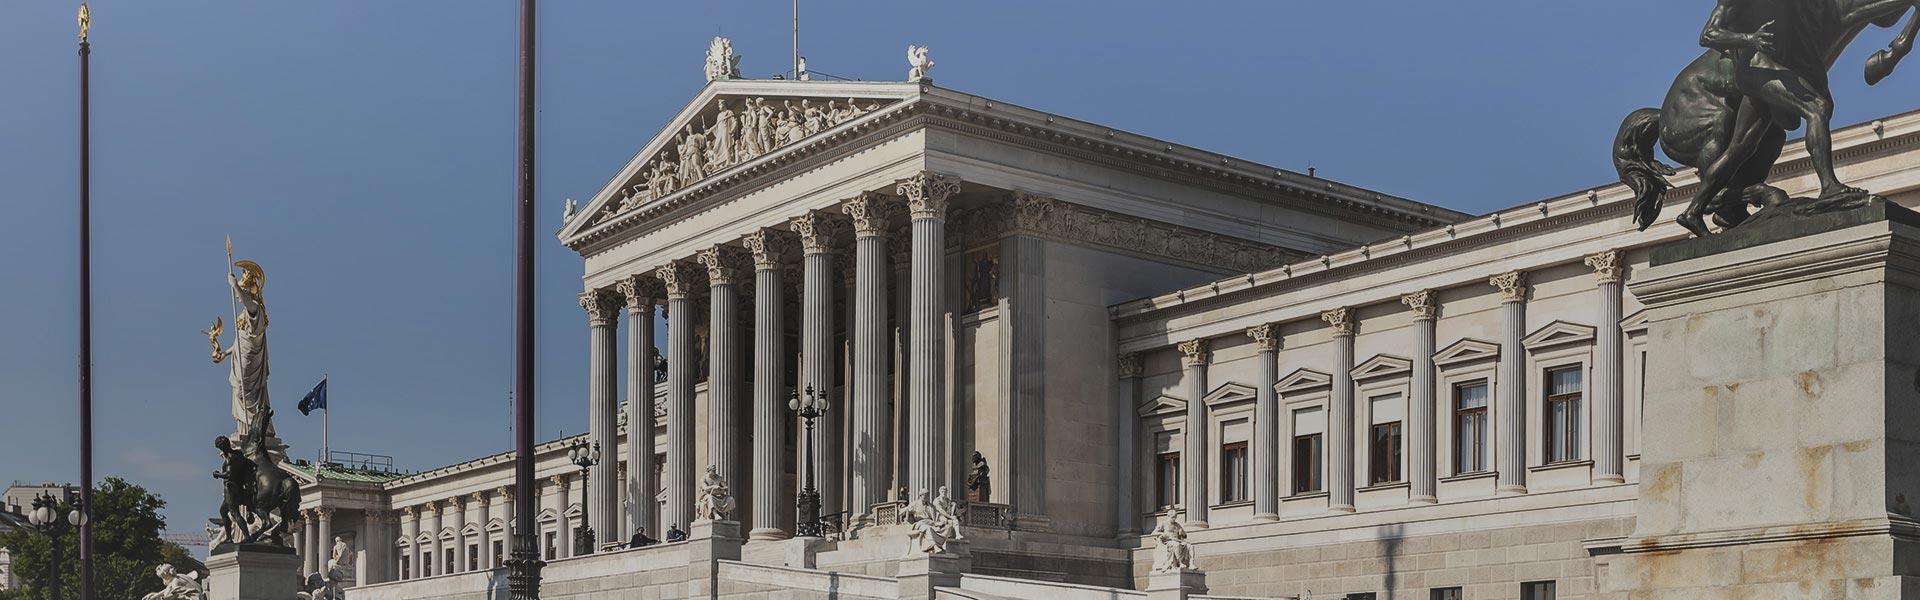 Parliament building in Vienna